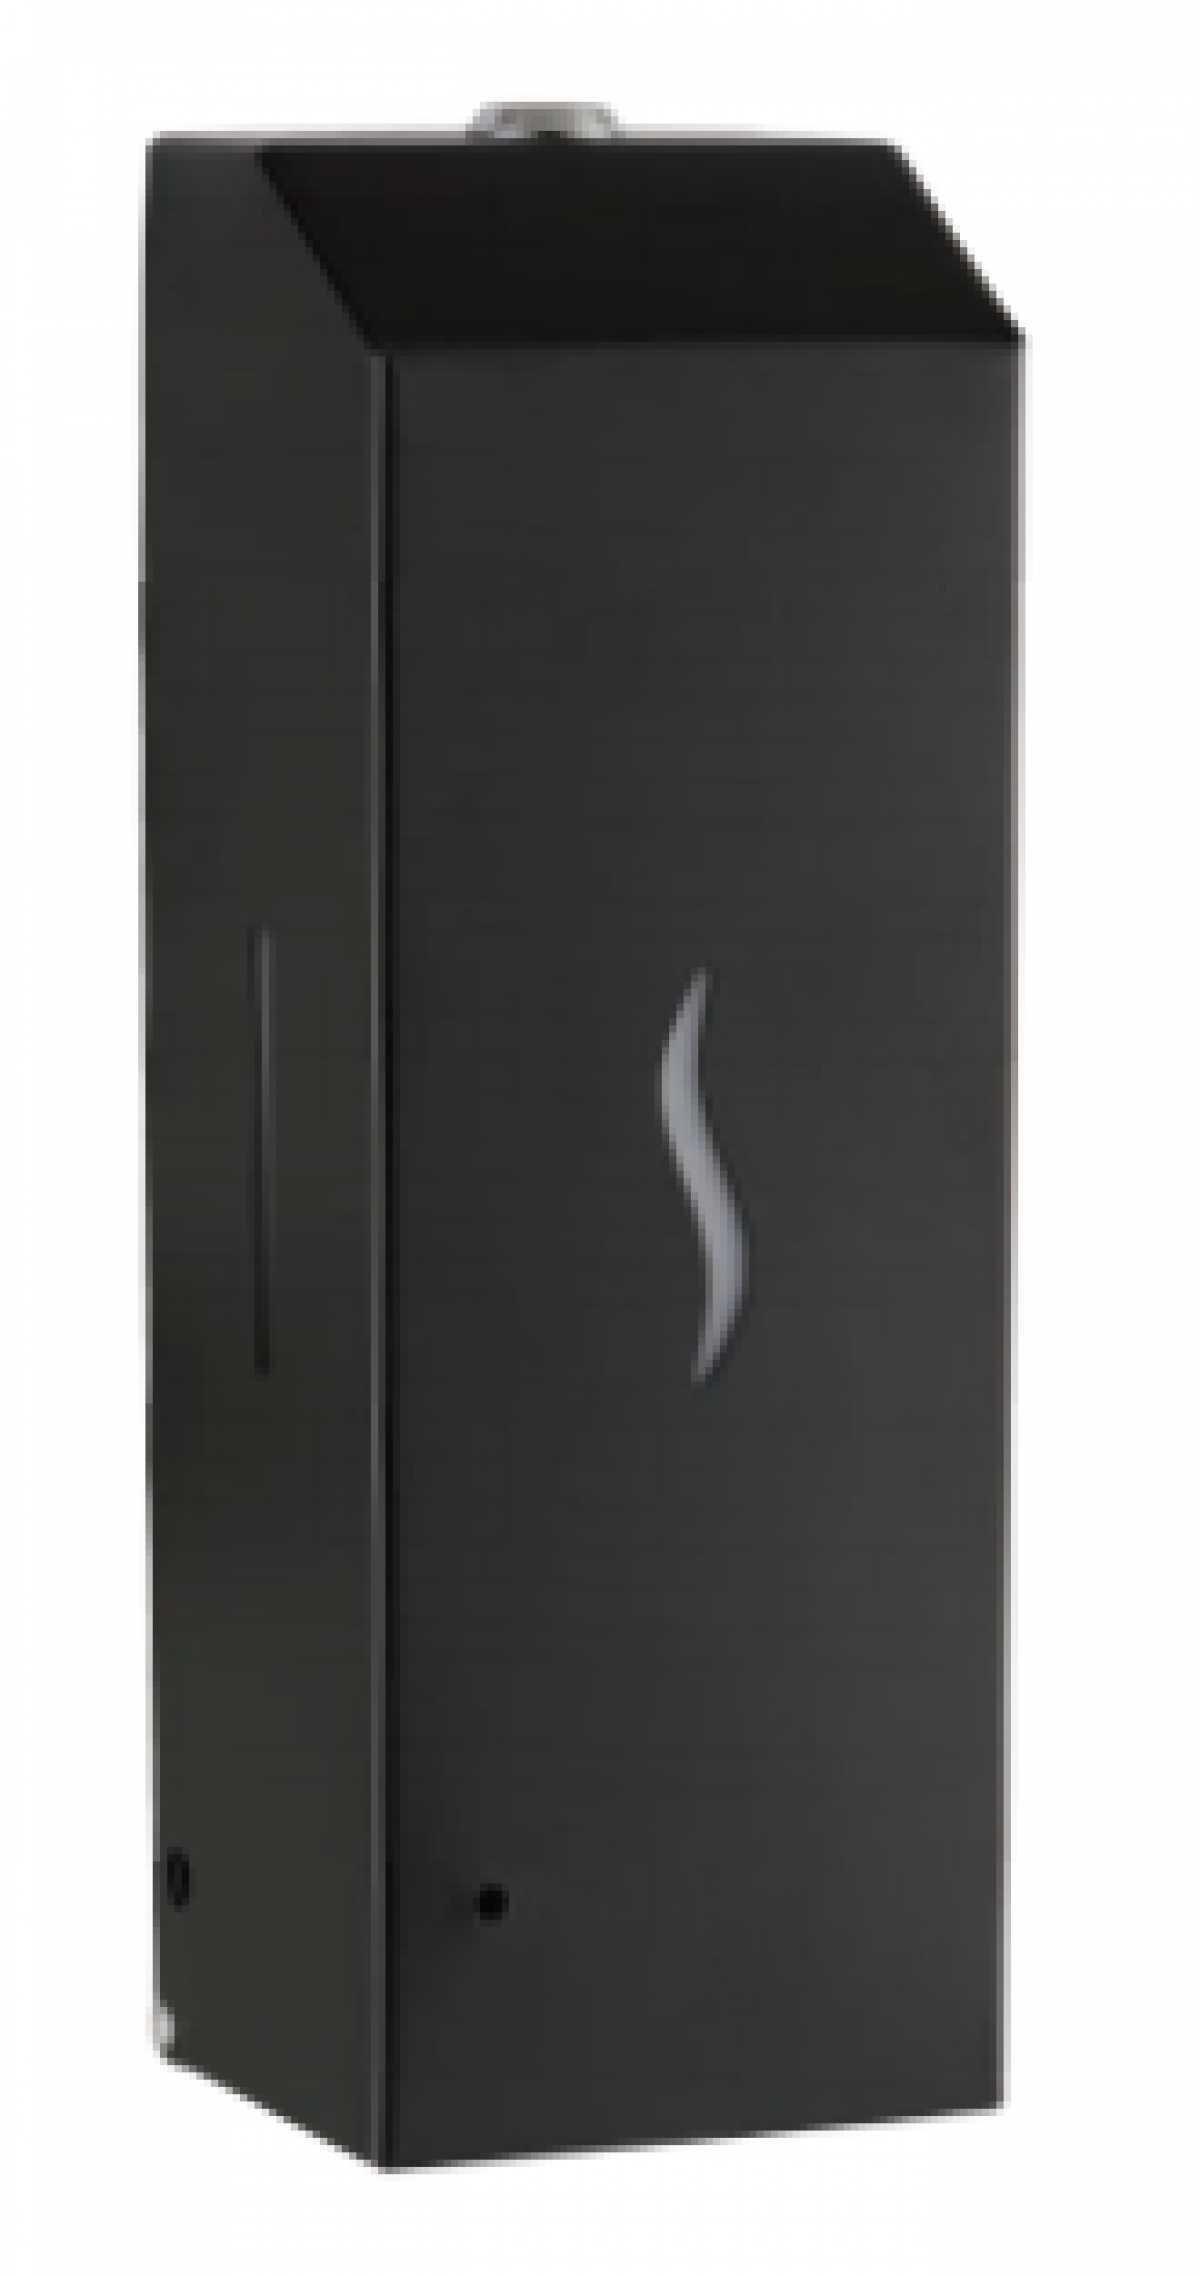 Sensörlü Sıvı Sabun/Köpük Dispenseri, Siyah